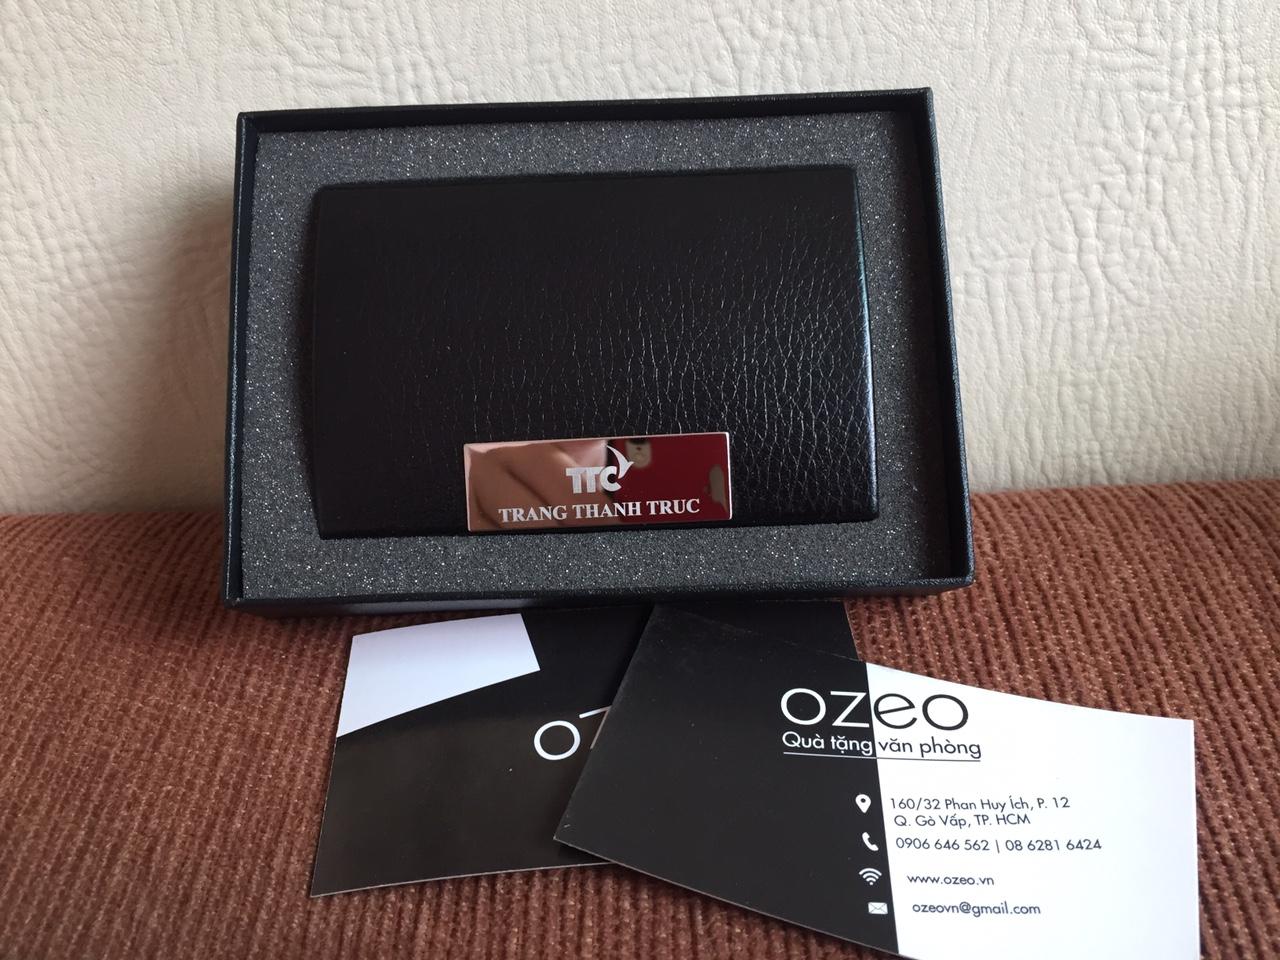 Hộp đựng card visit NC01 đen khắc tên